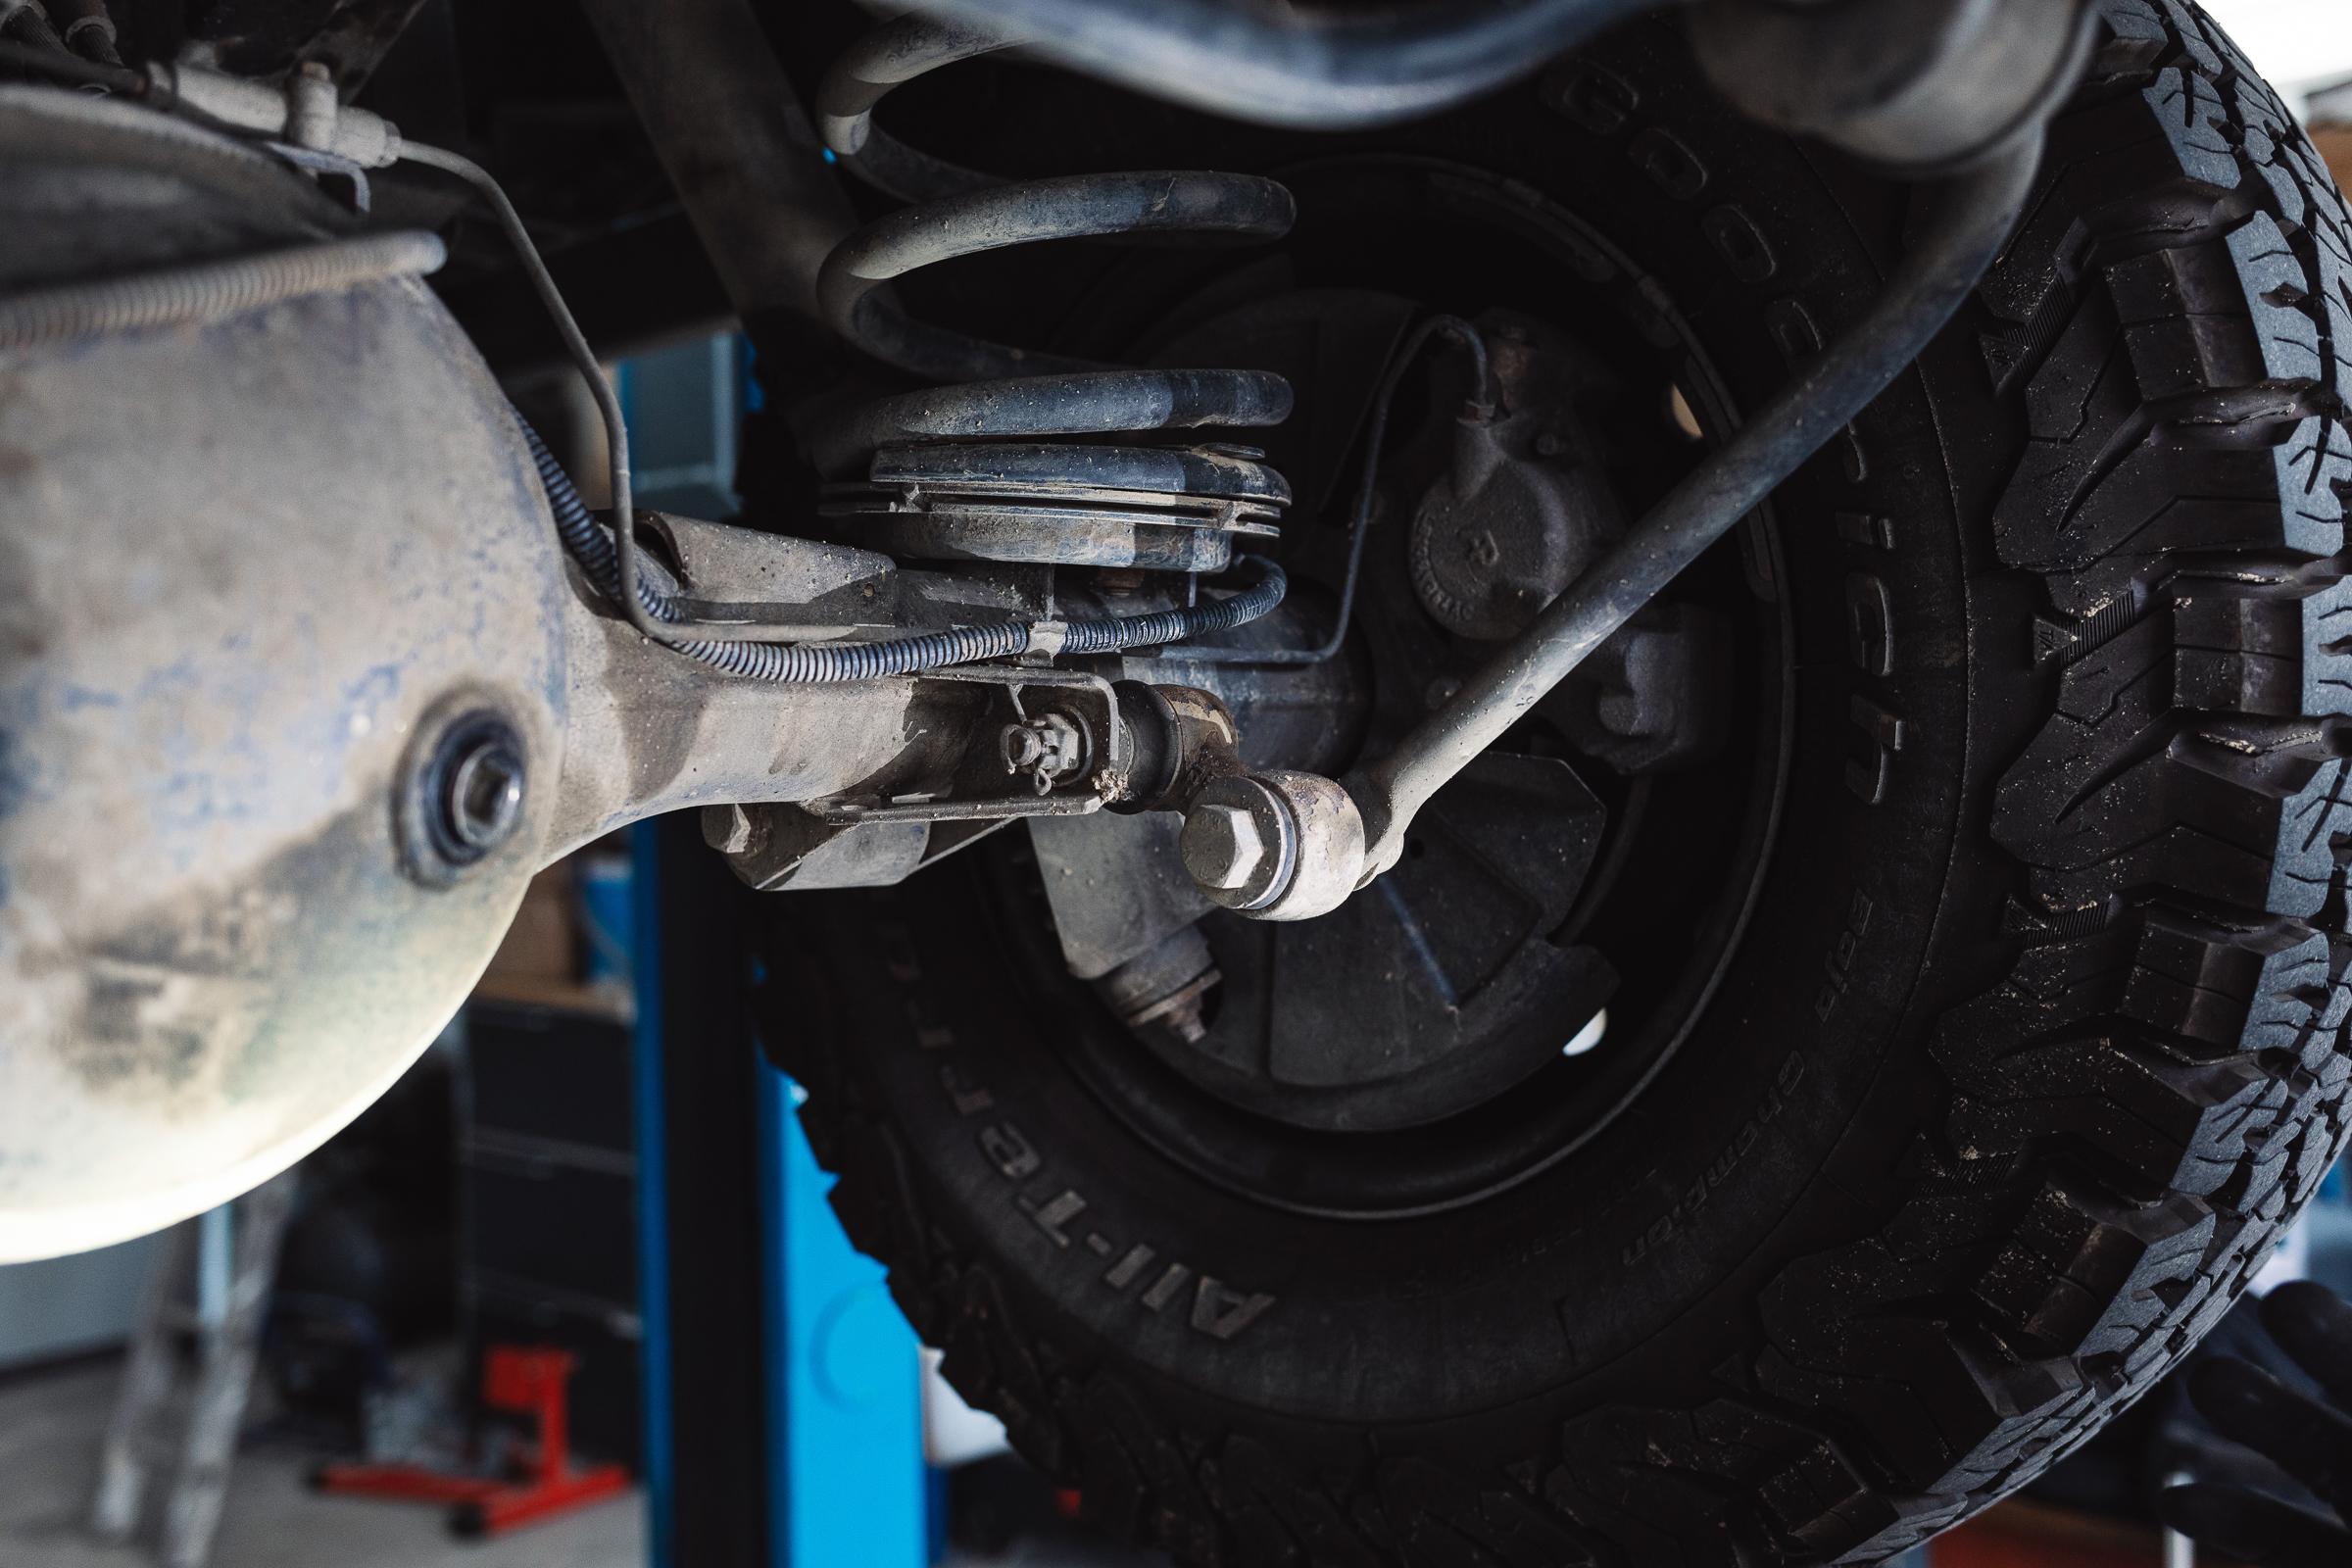 Fahrzeugcheck Reise - Brems- und ABS-Sensorleitung - Zustand und Befestigung prüfen.